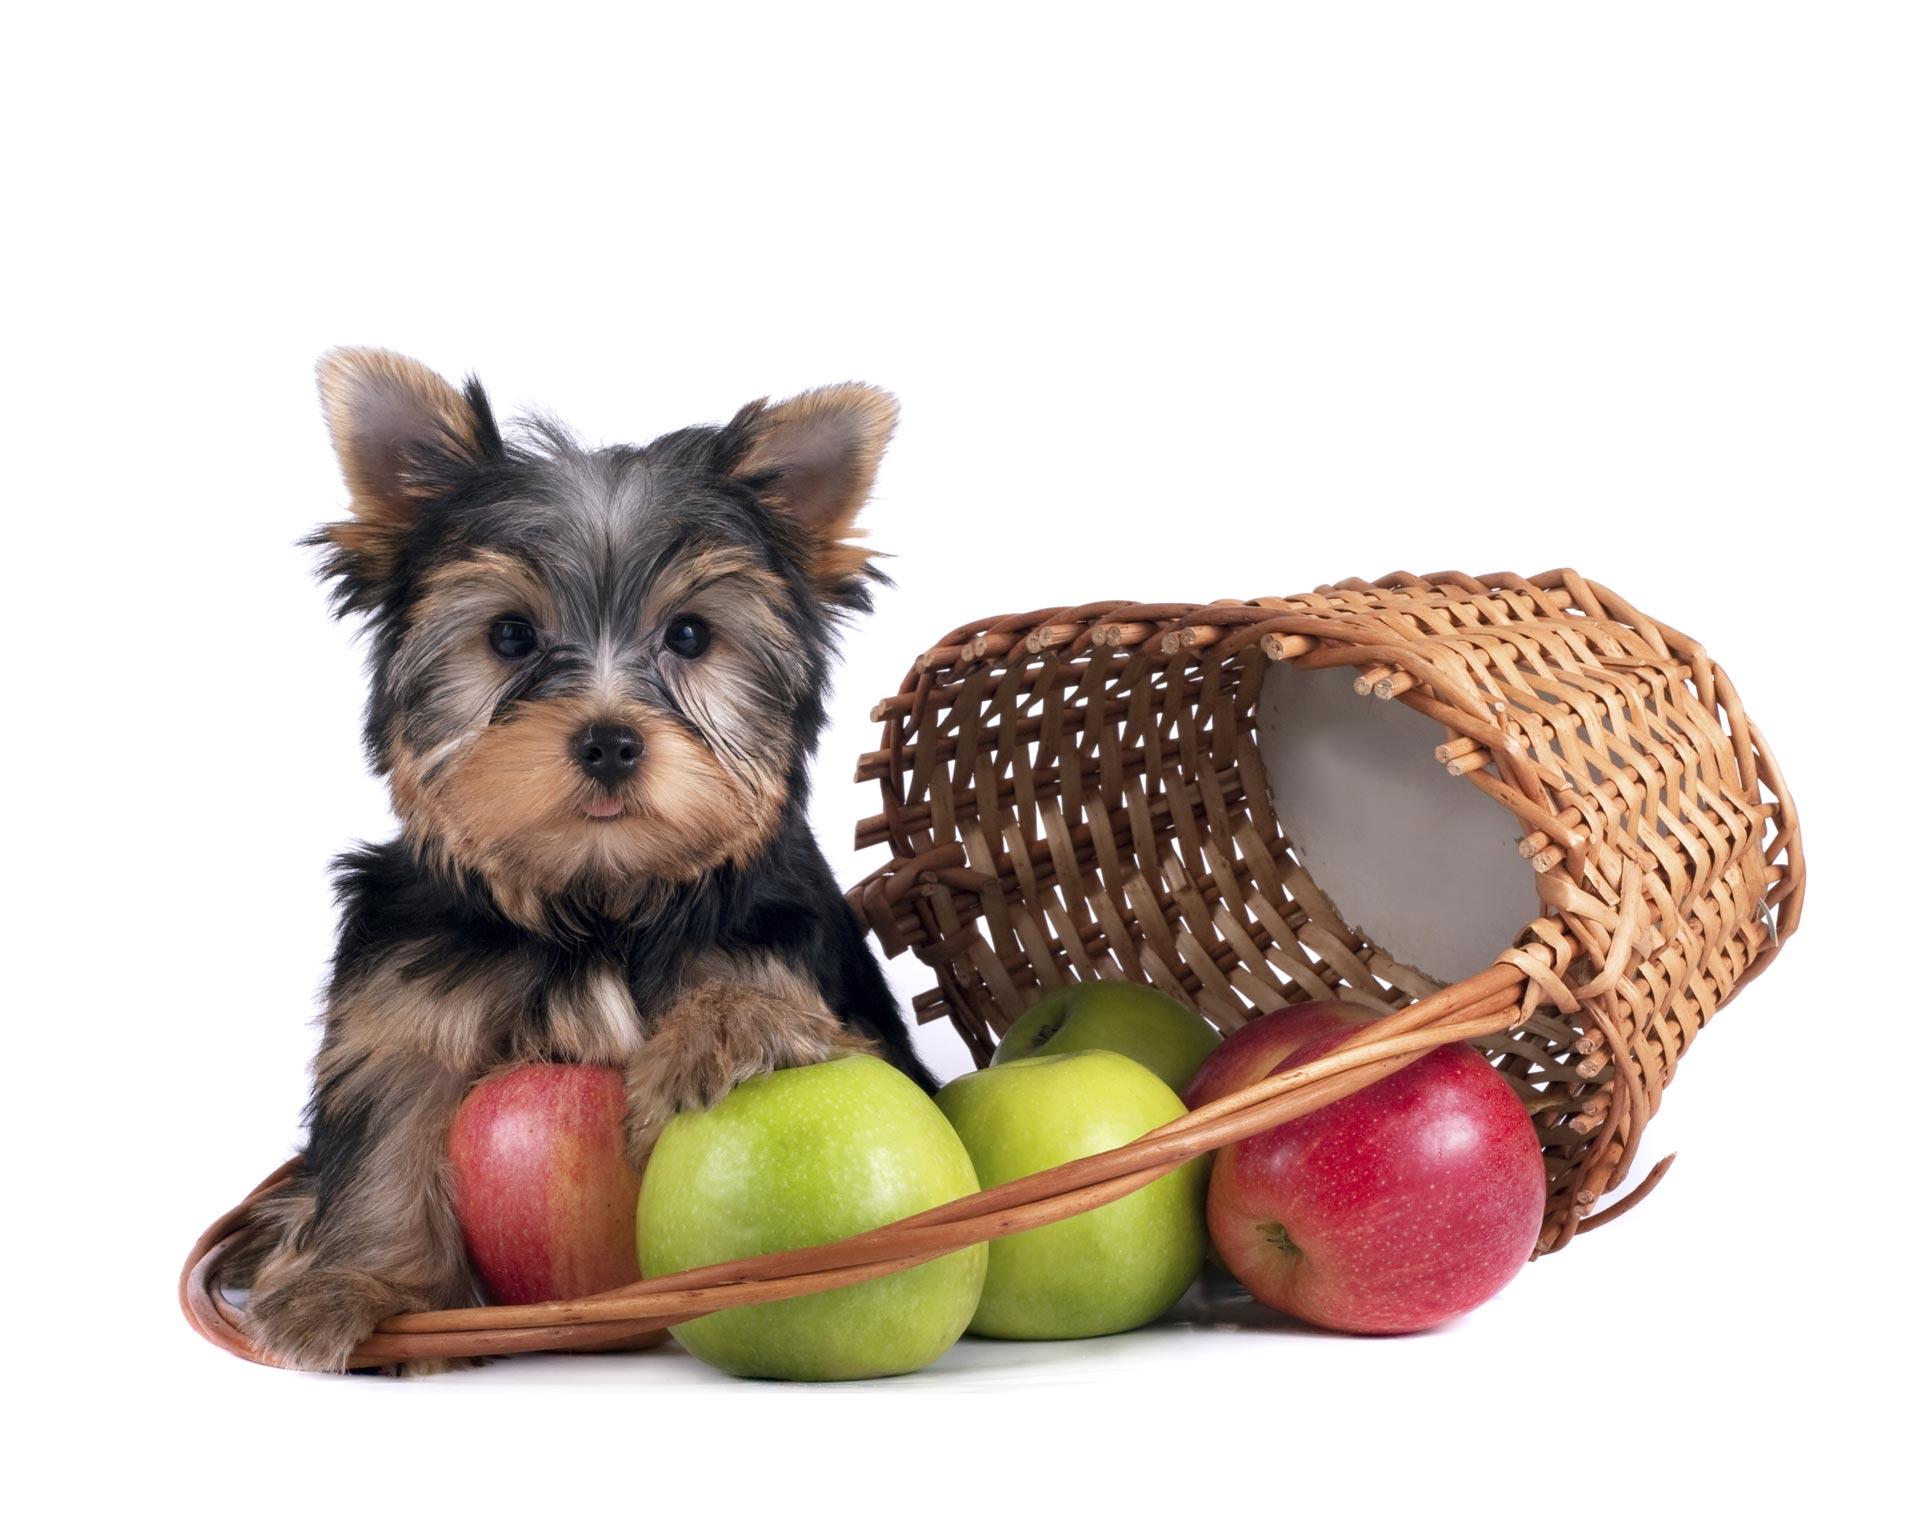 No podemos darle todos los alimentos que consumimos los humanos a los animales, pero aquí te dejamos una lista de los que si pueden comer